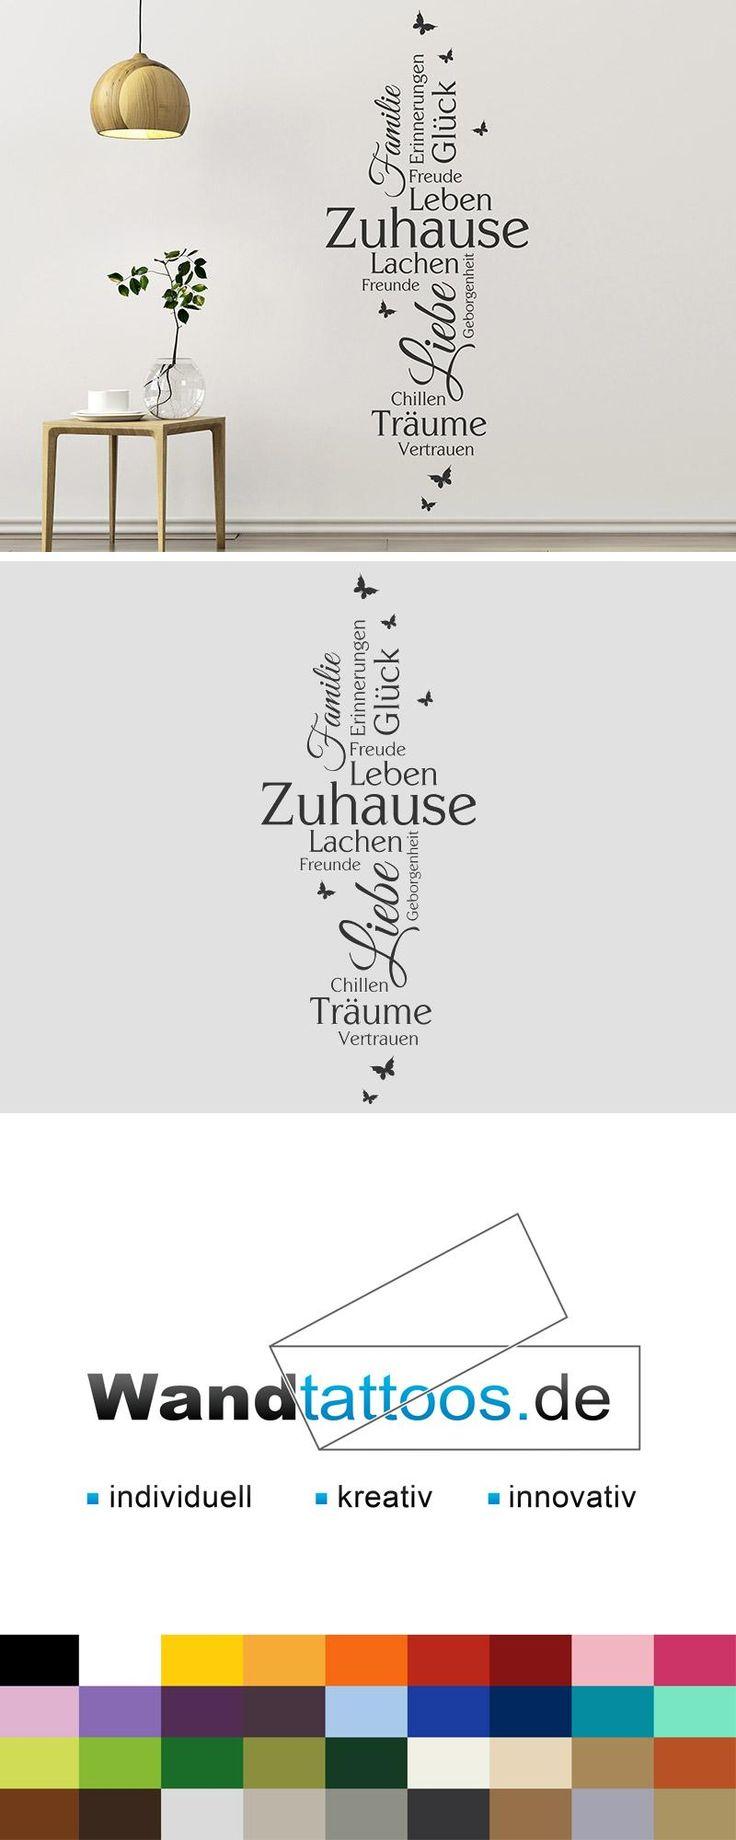 Wandtattoo Zuhause Begriffe als Idee zur individuellen Wandgestaltung. Einfach Lieblingsfarbe und Größe auswählen. Weitere kreative Anregungen von Wandtattoos.de hier entdecken!